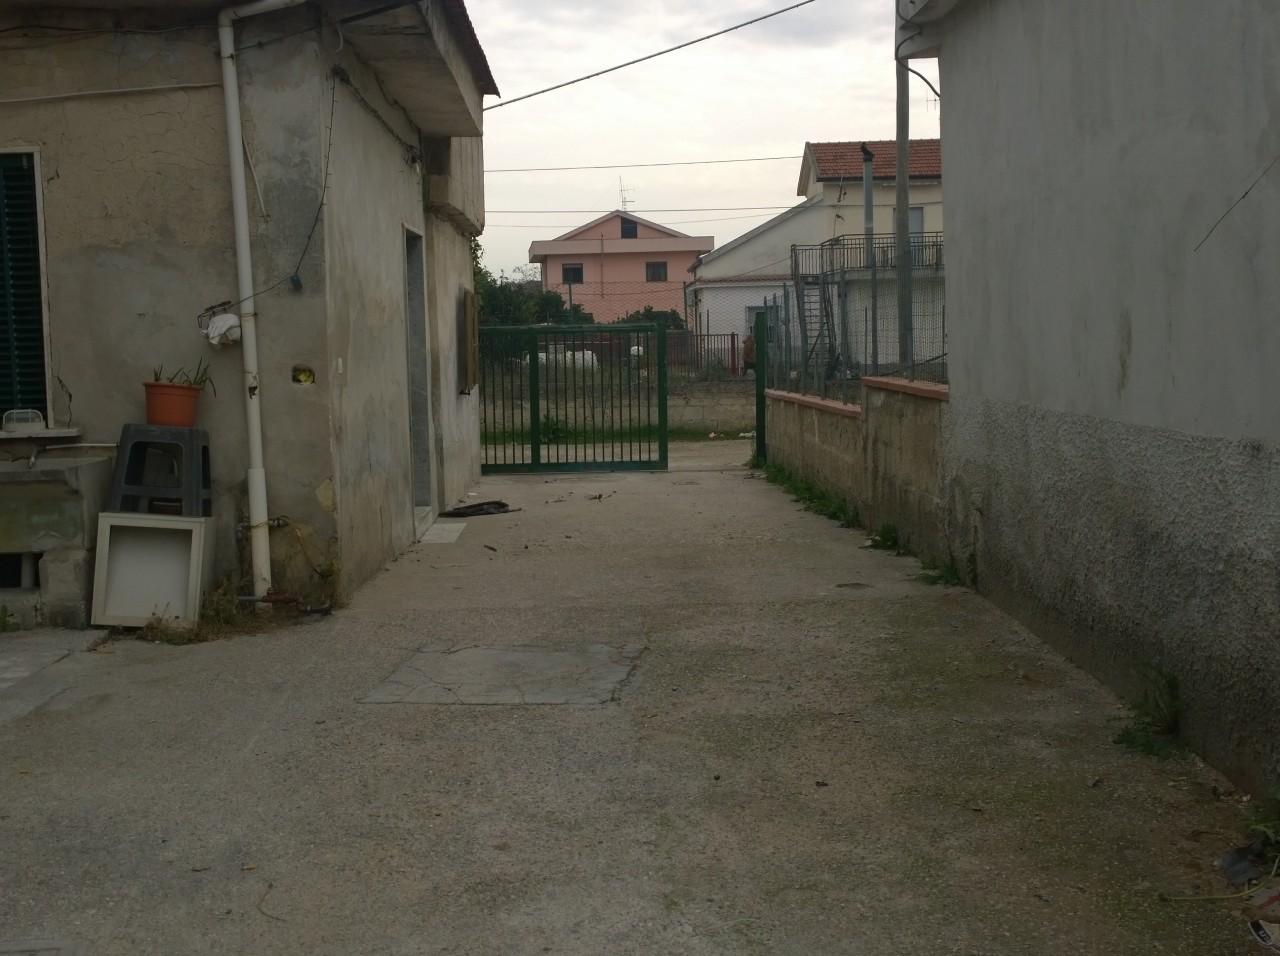 Casa singola in vendita a eboli sa zona eboli 2 bagni for Case affitto eboli arredate